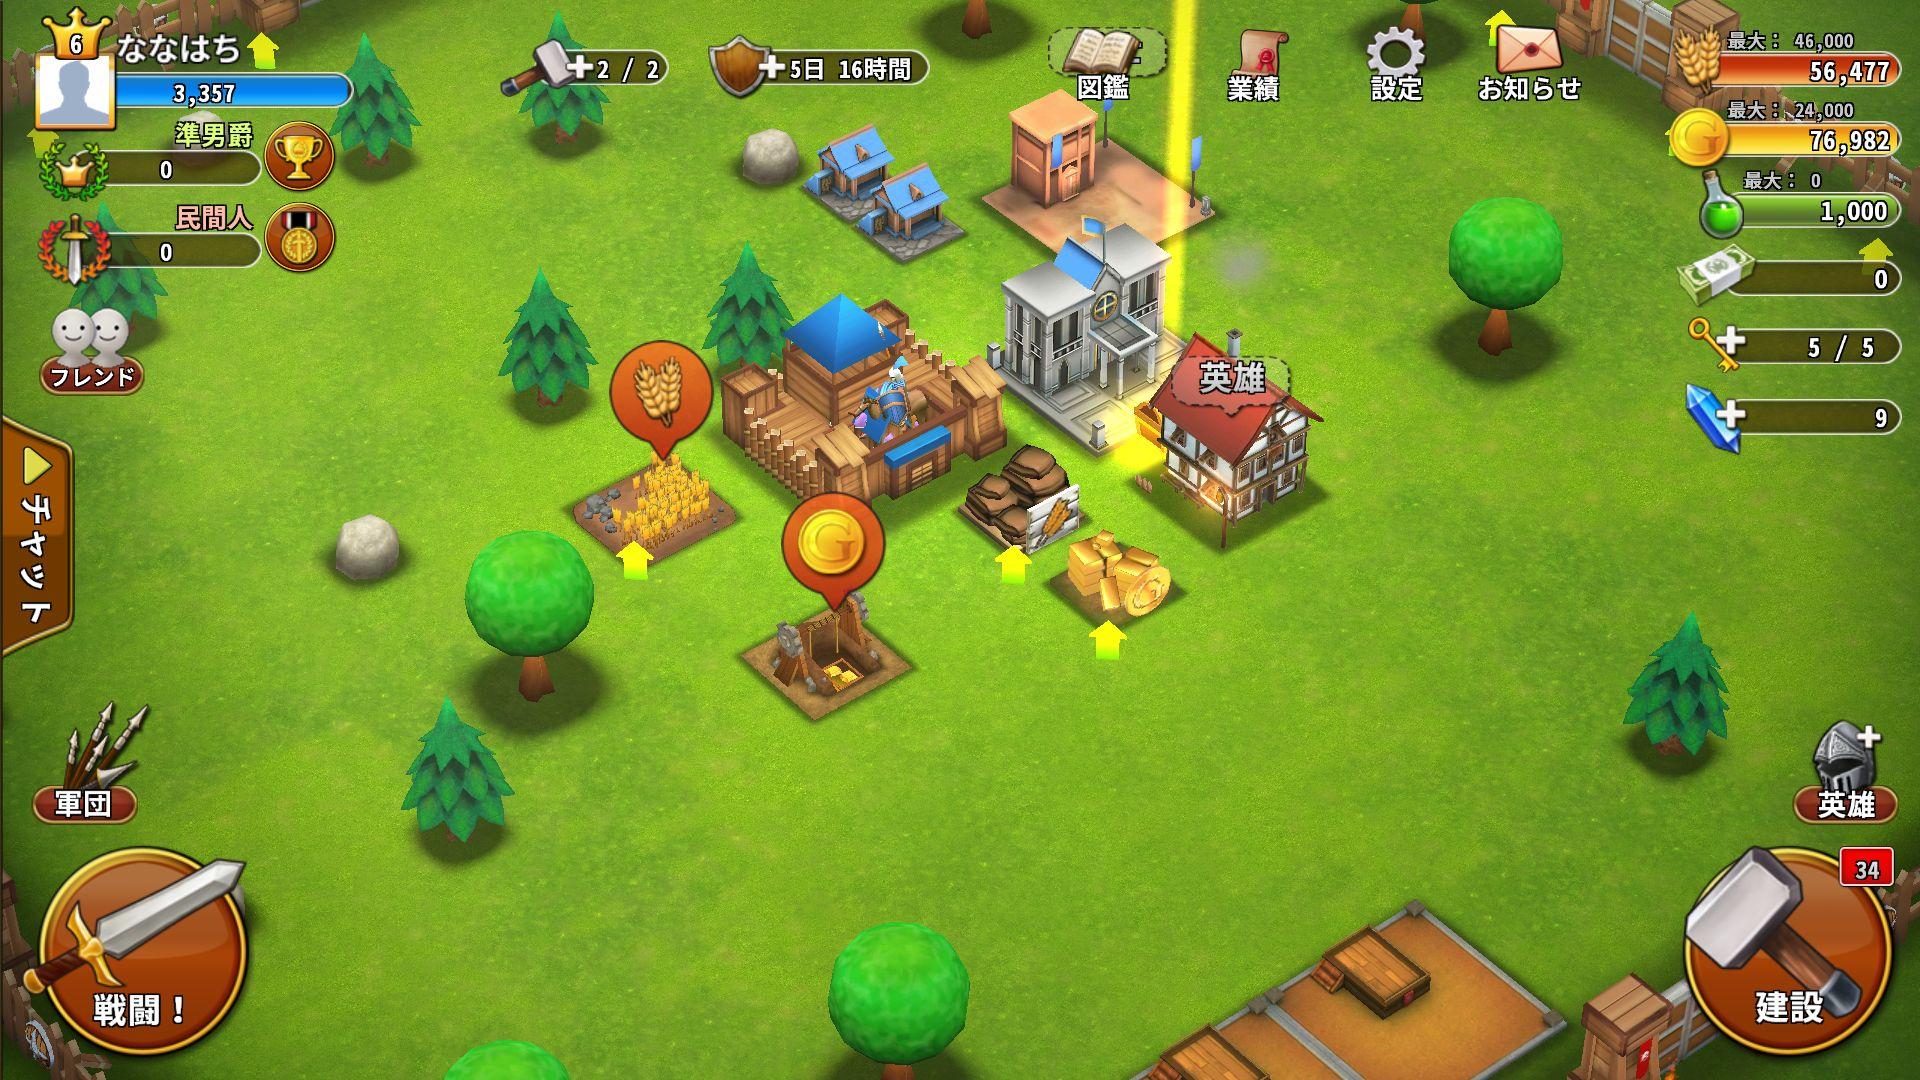 キングダムスレイヤー(Kingdom Slayer) androidアプリスクリーンショット3